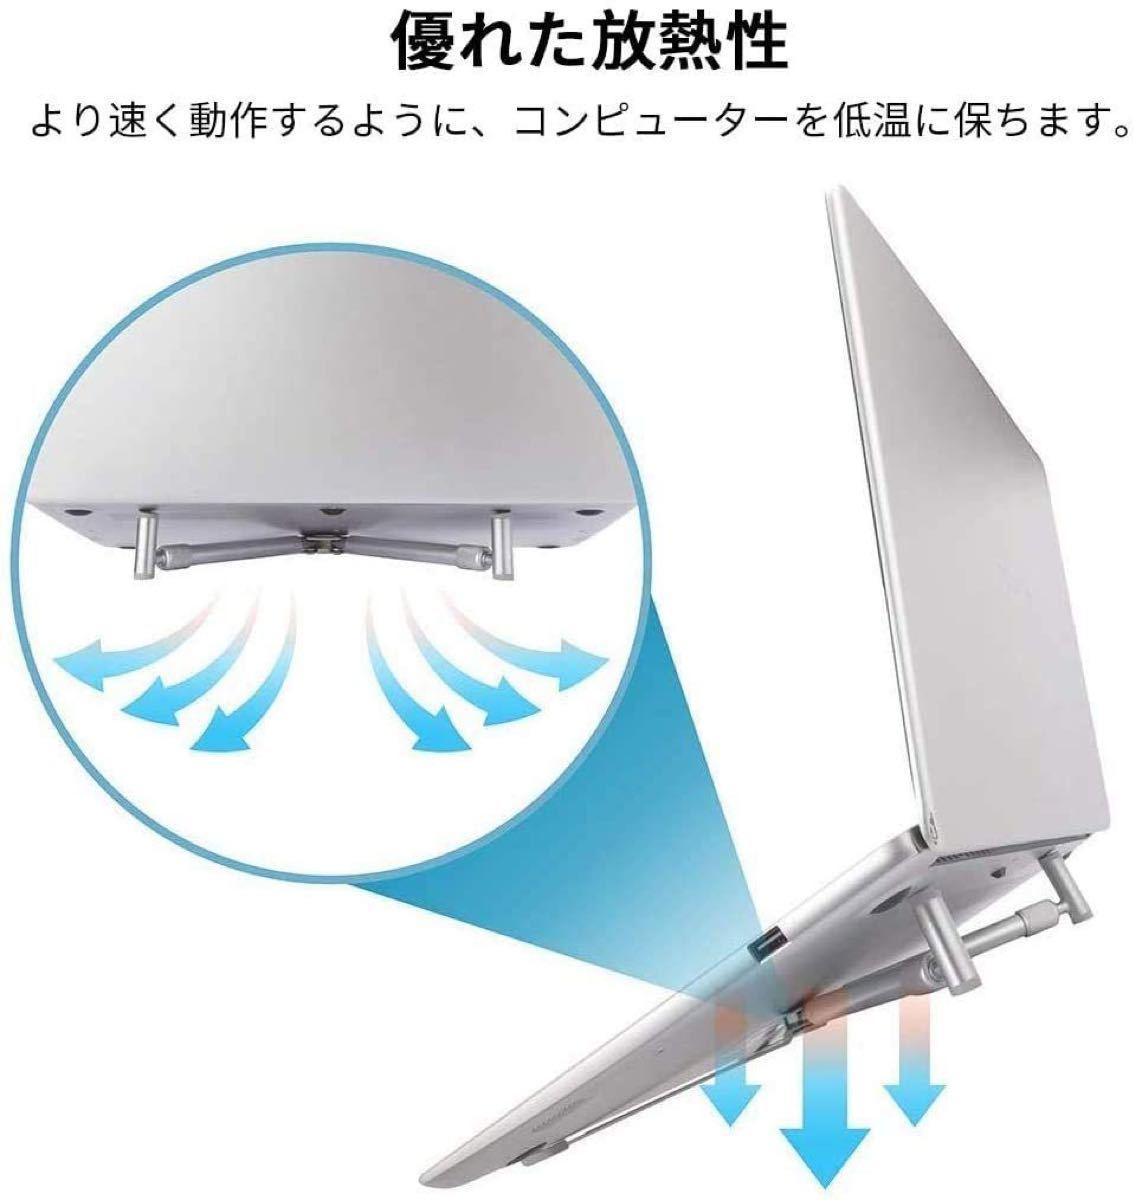 ノートパソコンスタンド 折りたたみ式 滑り止め 安定 サイズ/角度調整可能 アルミ合金製 持ち運び便利 軽量 姿勢改善 放熱対策